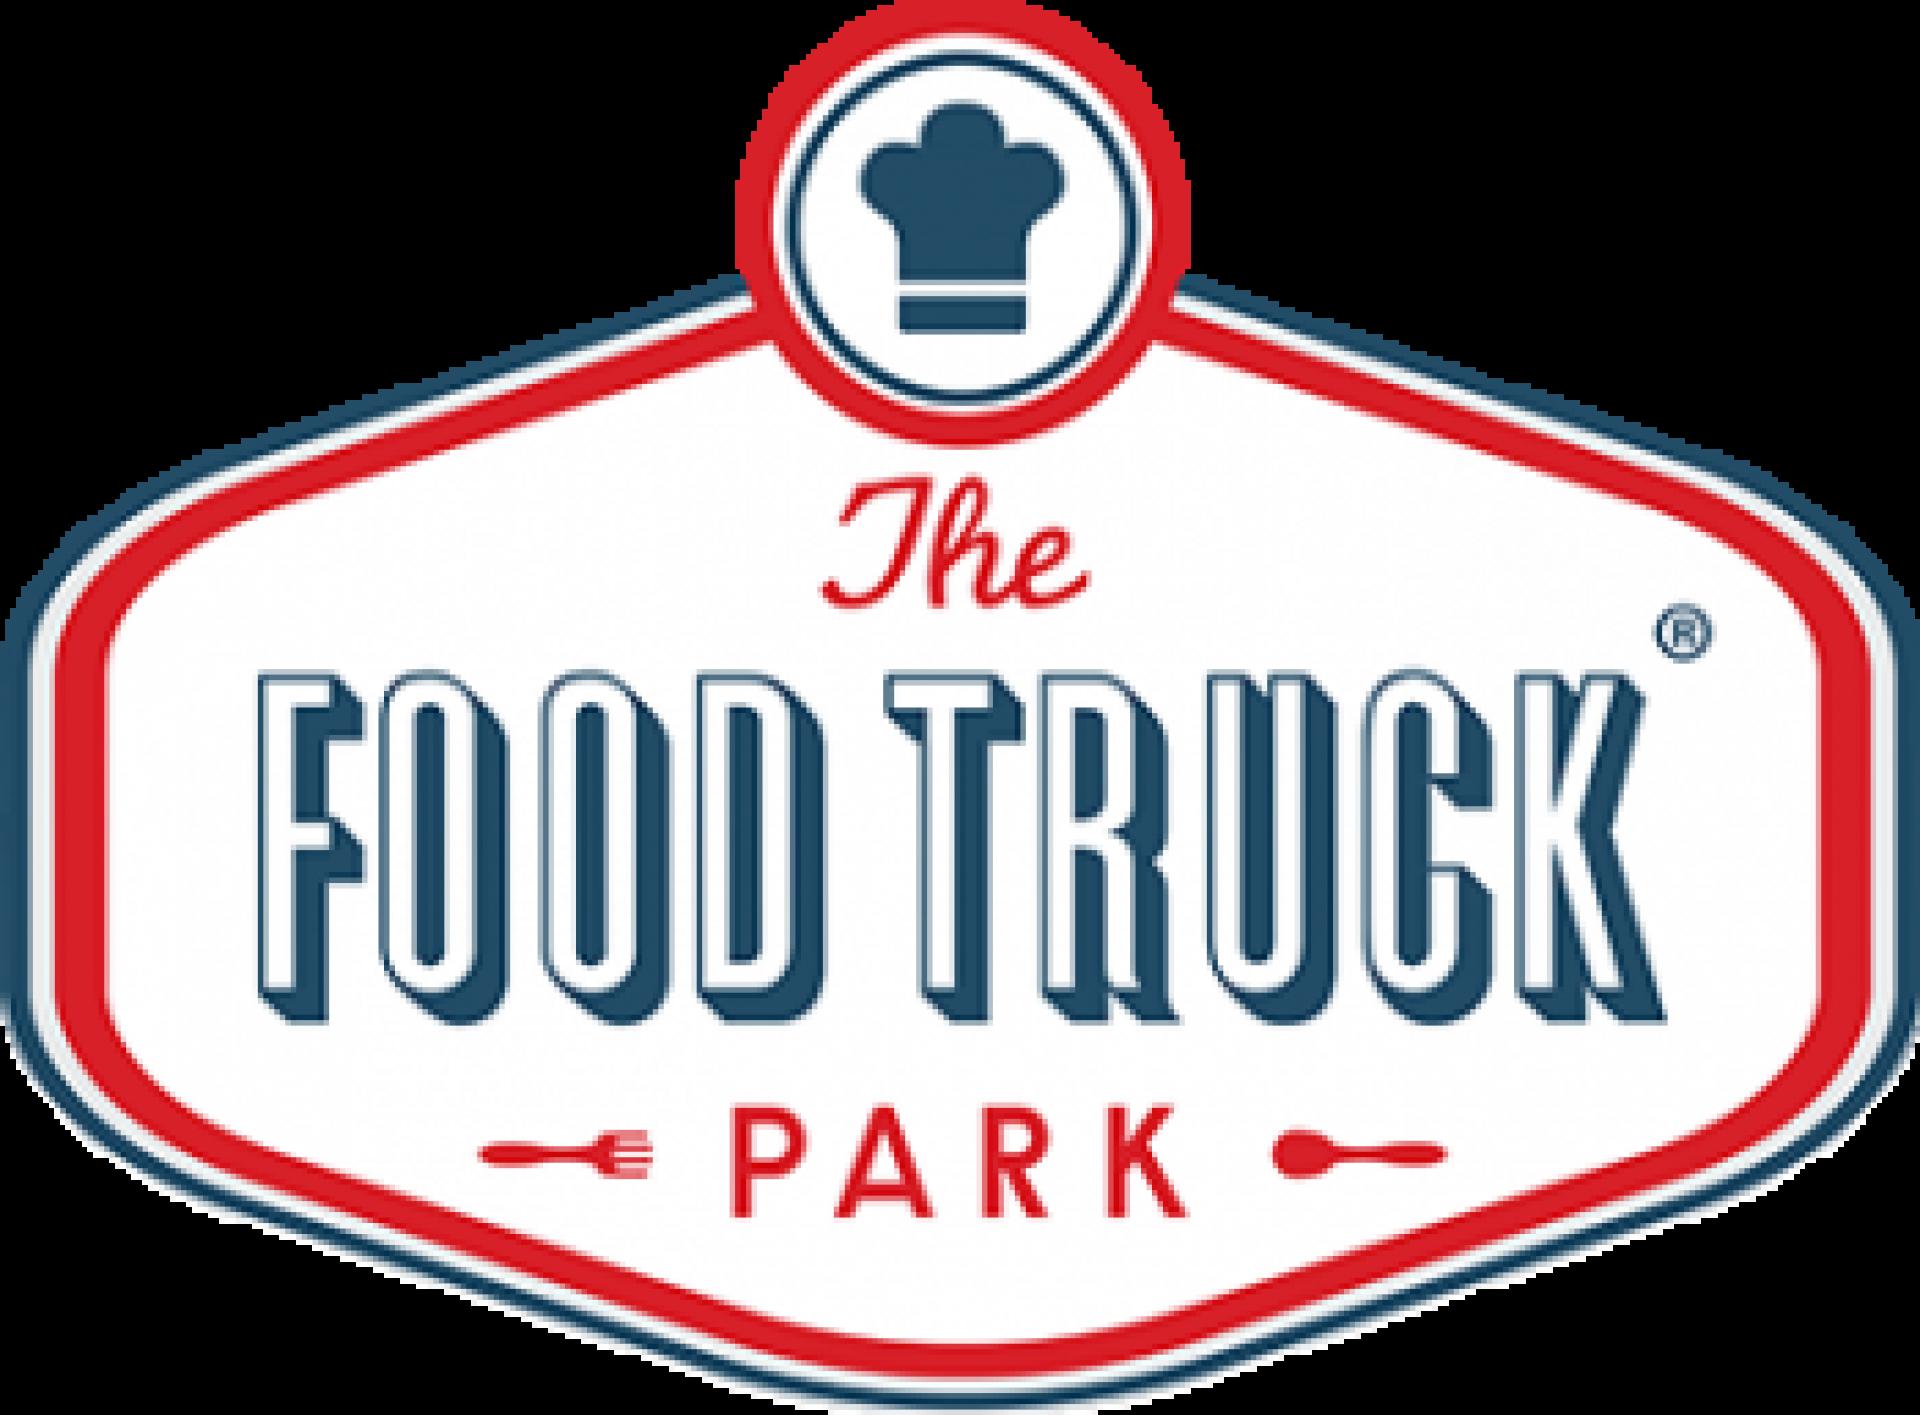 A S Food Trucks